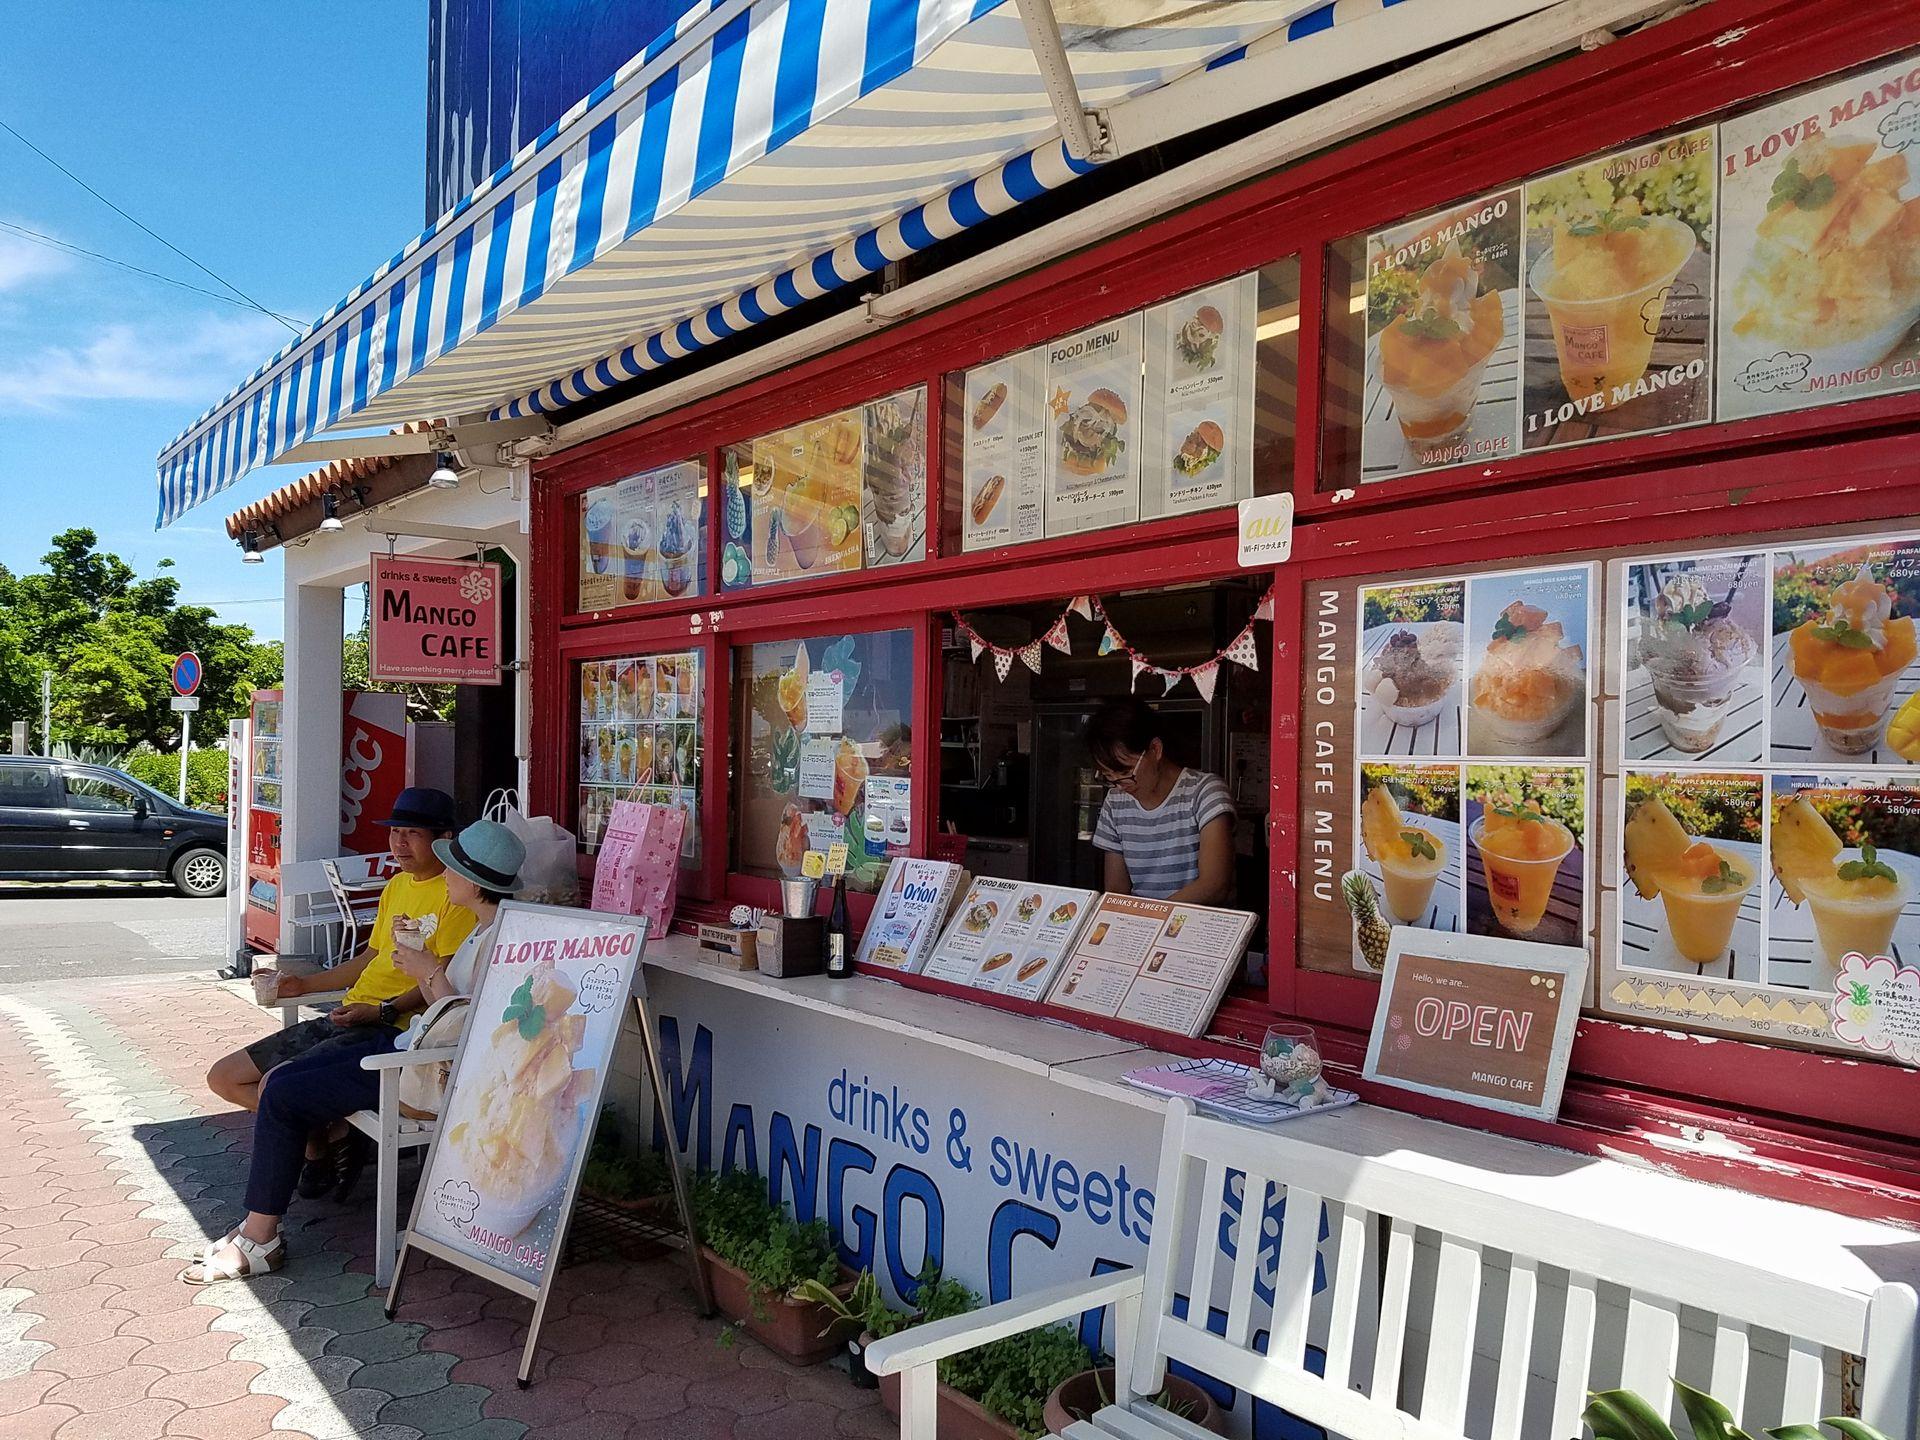 石垣島 MANGO CAFE-マンゴーカフェ